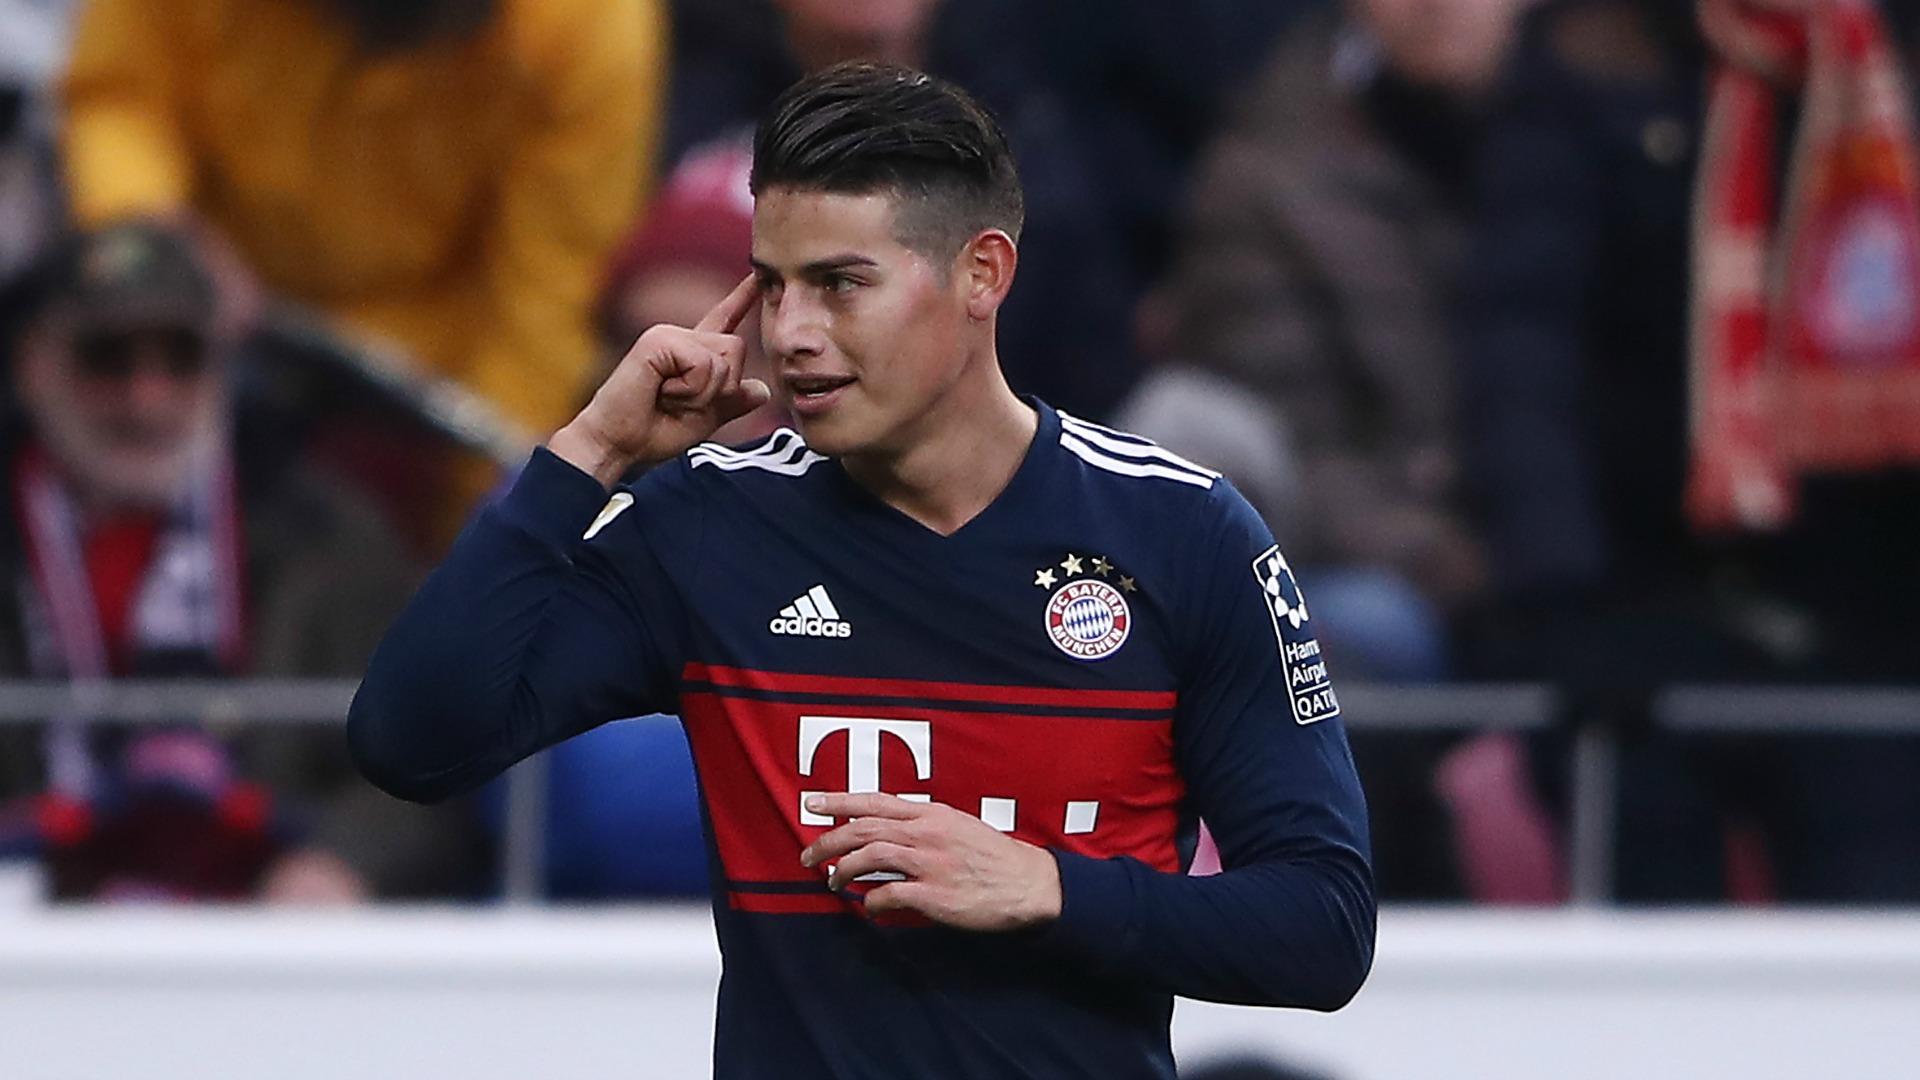 Spieler des Tages: James (Bayern München)